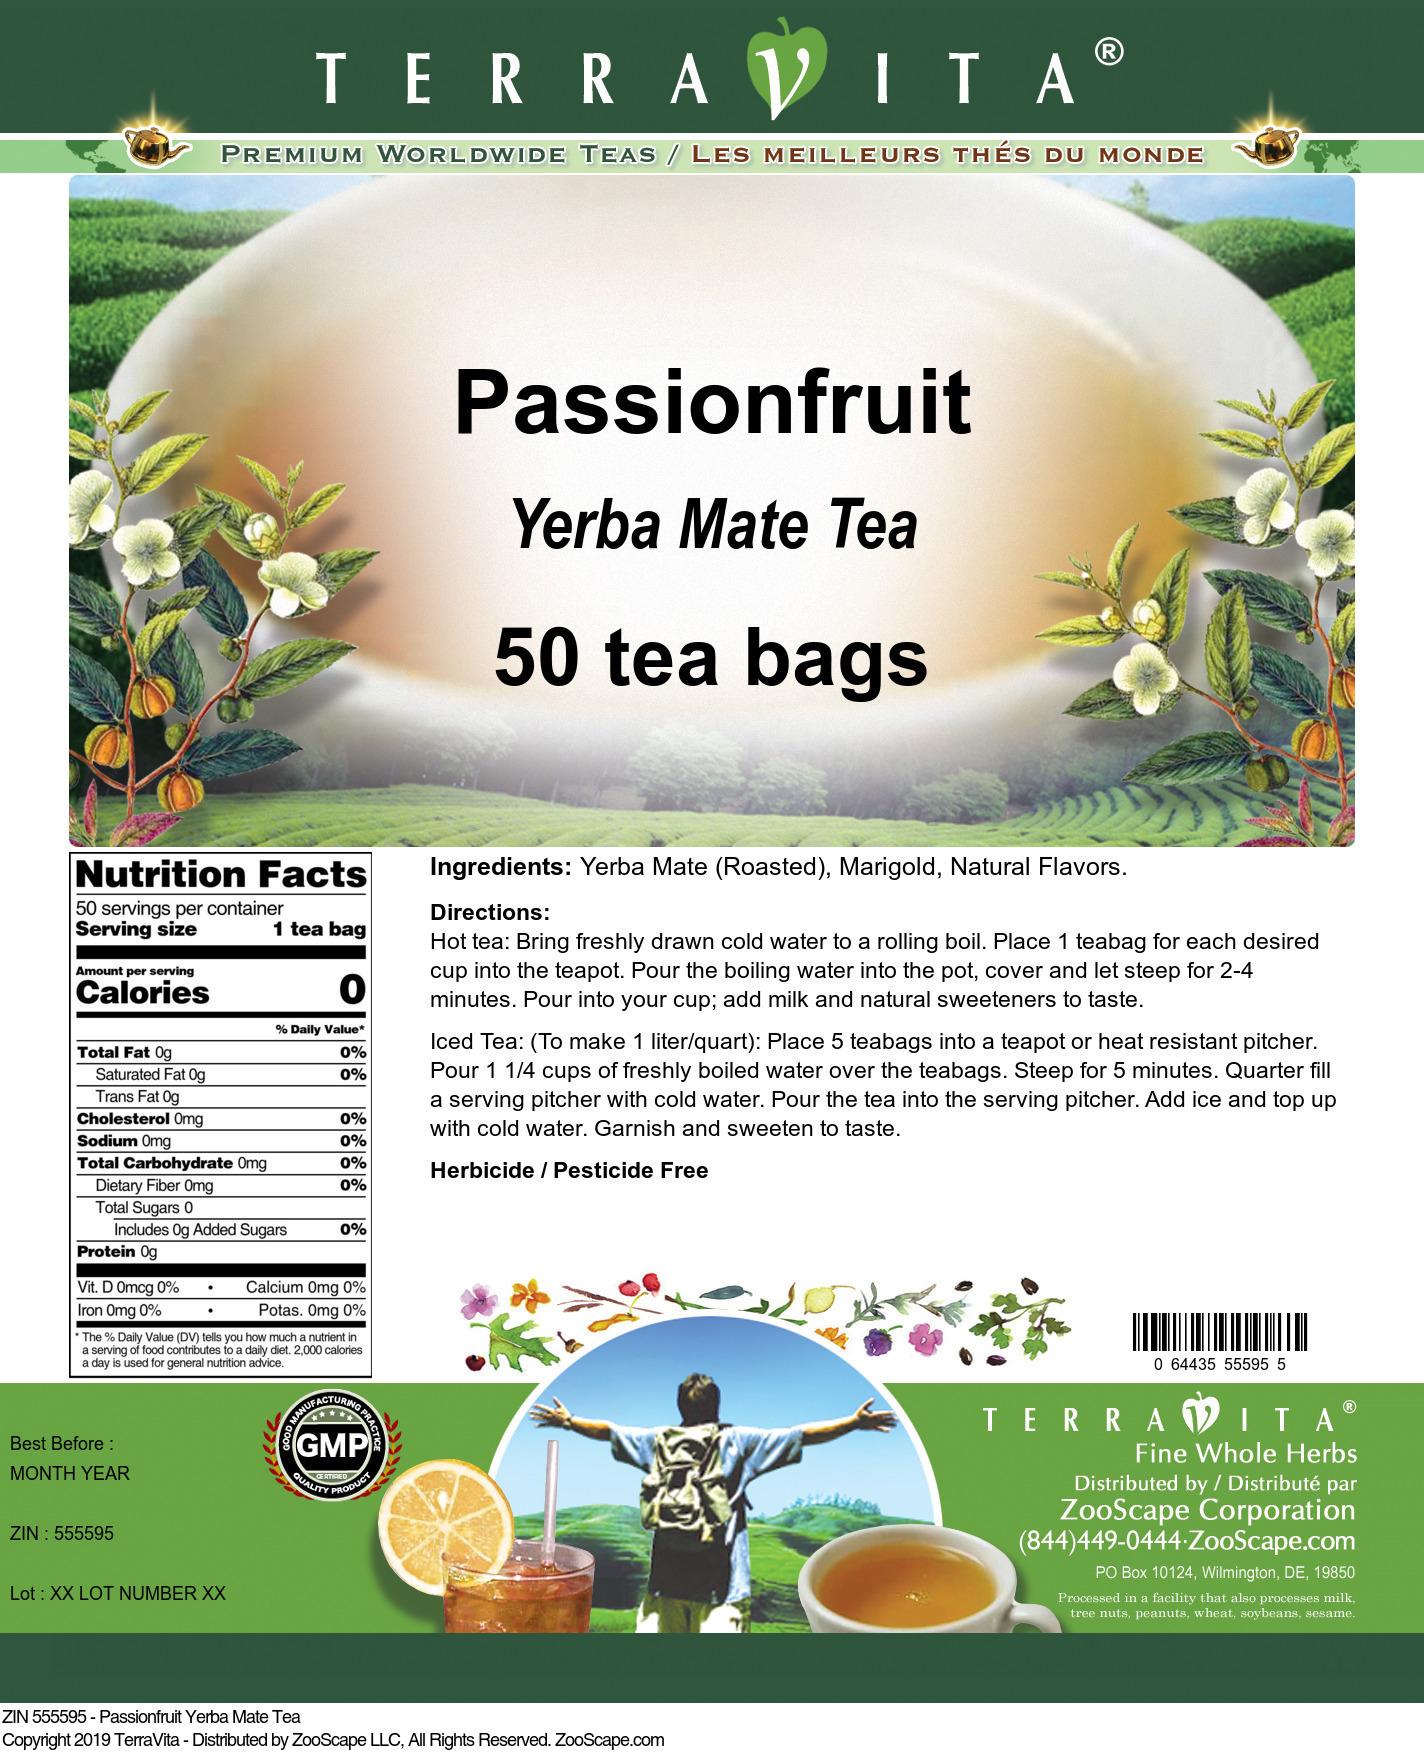 Passionfruit Yerba Mate Tea